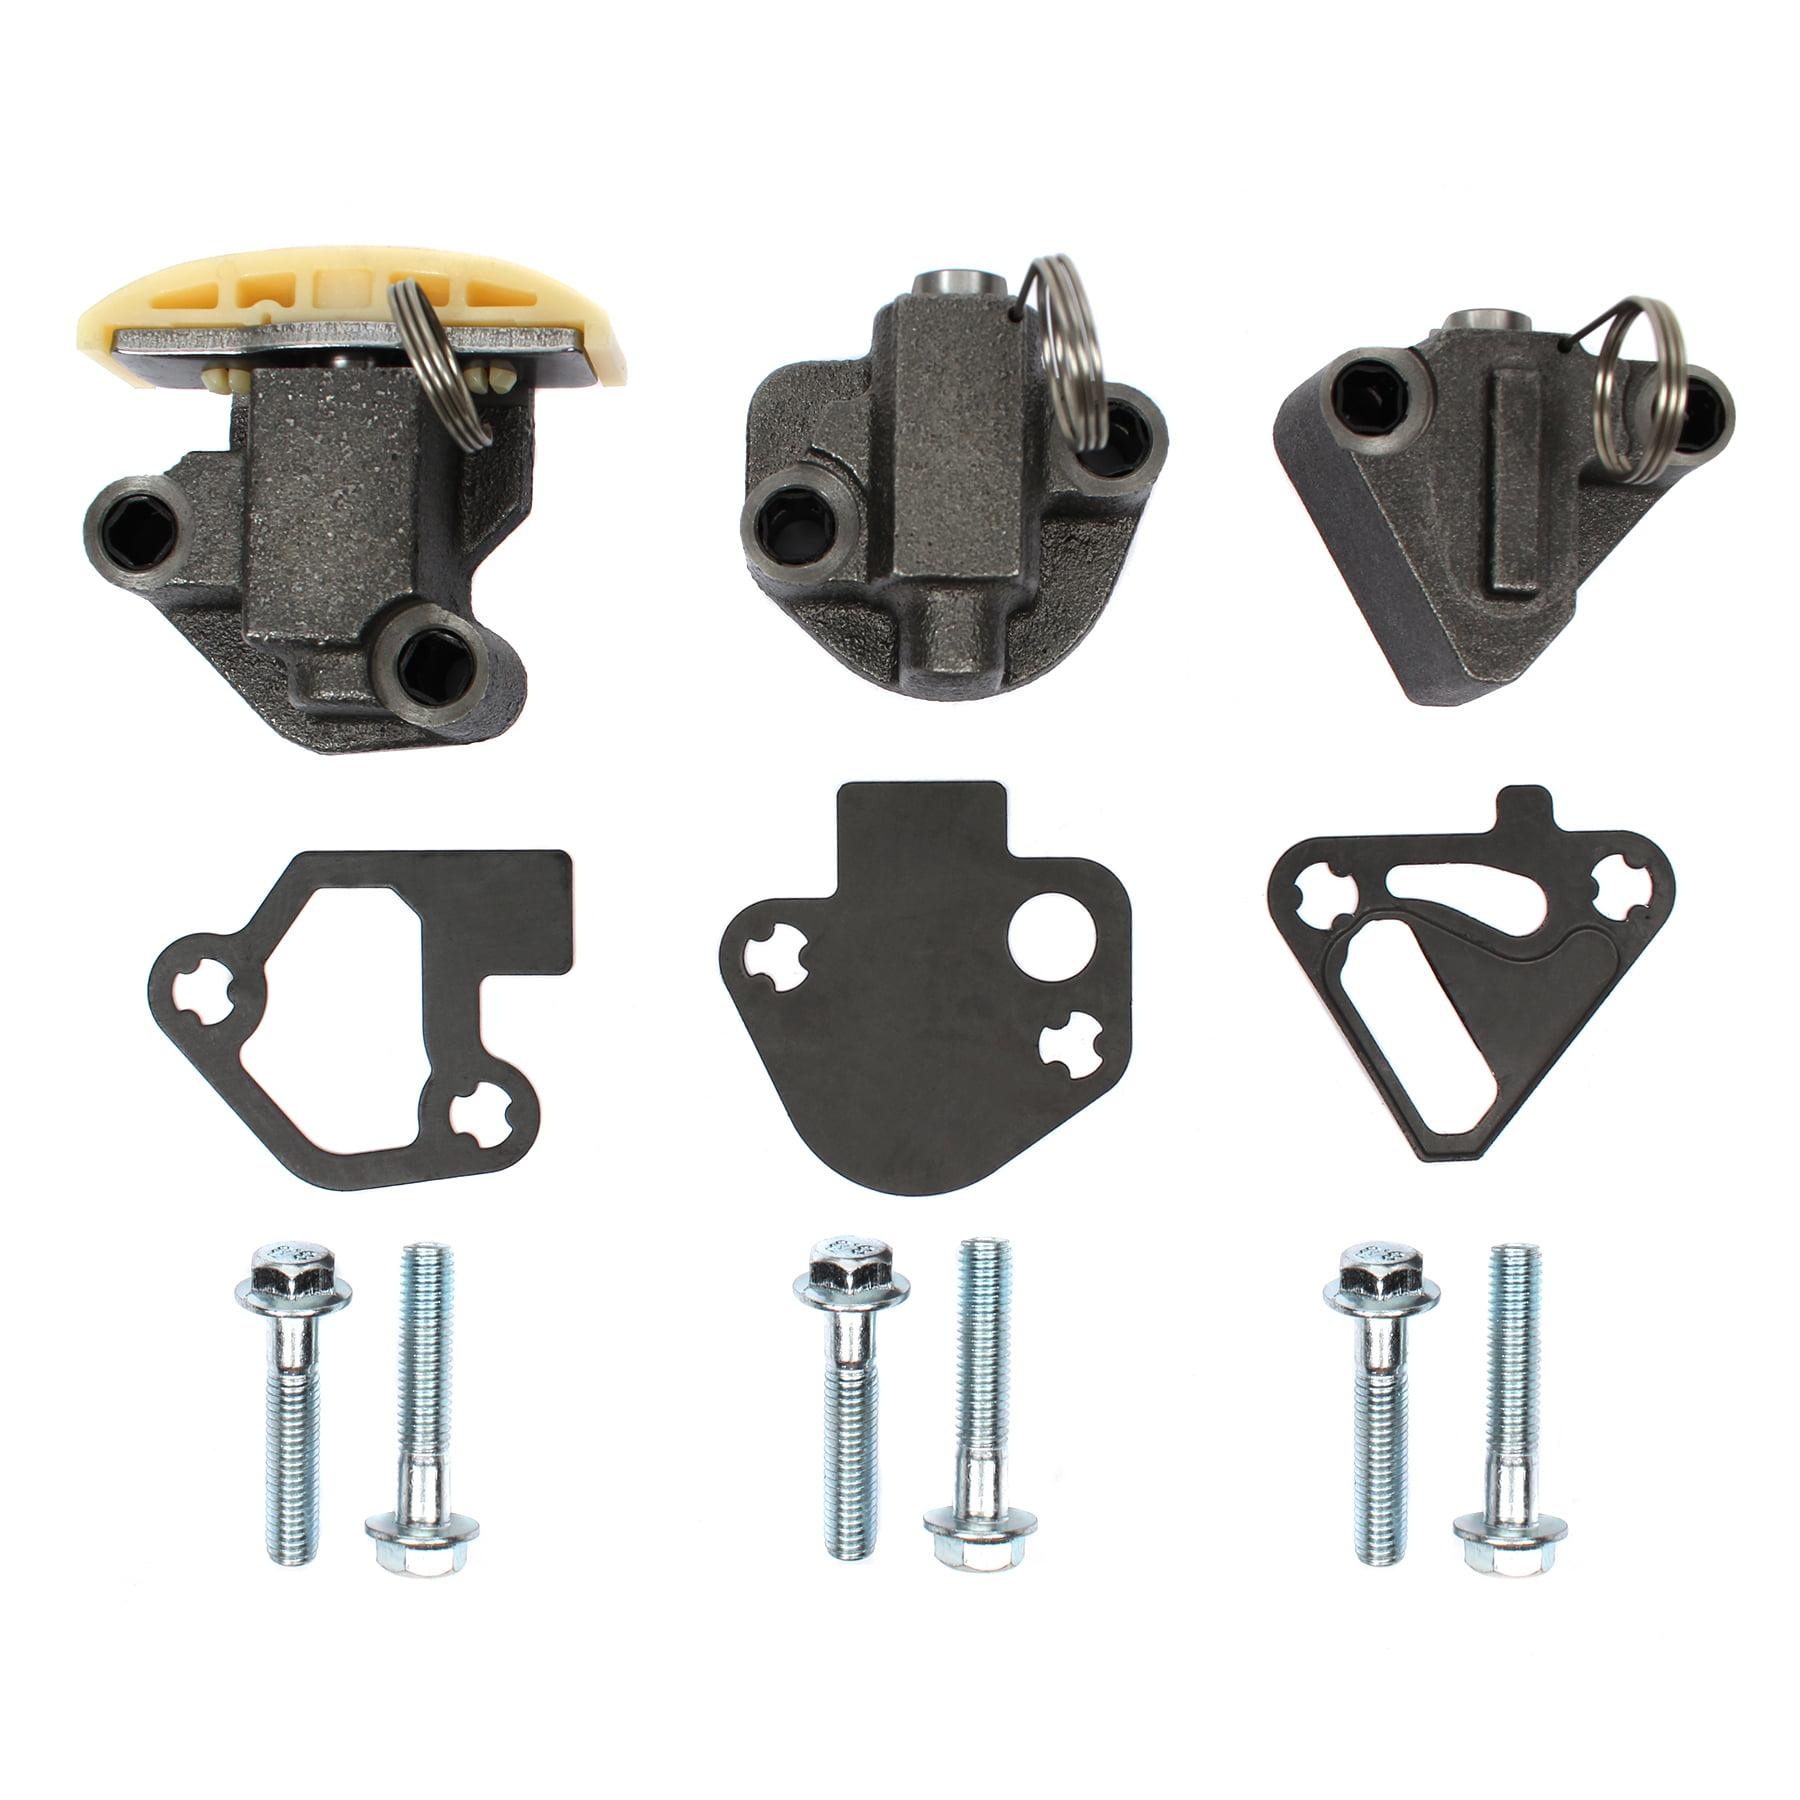 Timing Chain Kit Fits Suzuki Saturn Aura 2.8 3.2 3.6L DOHC